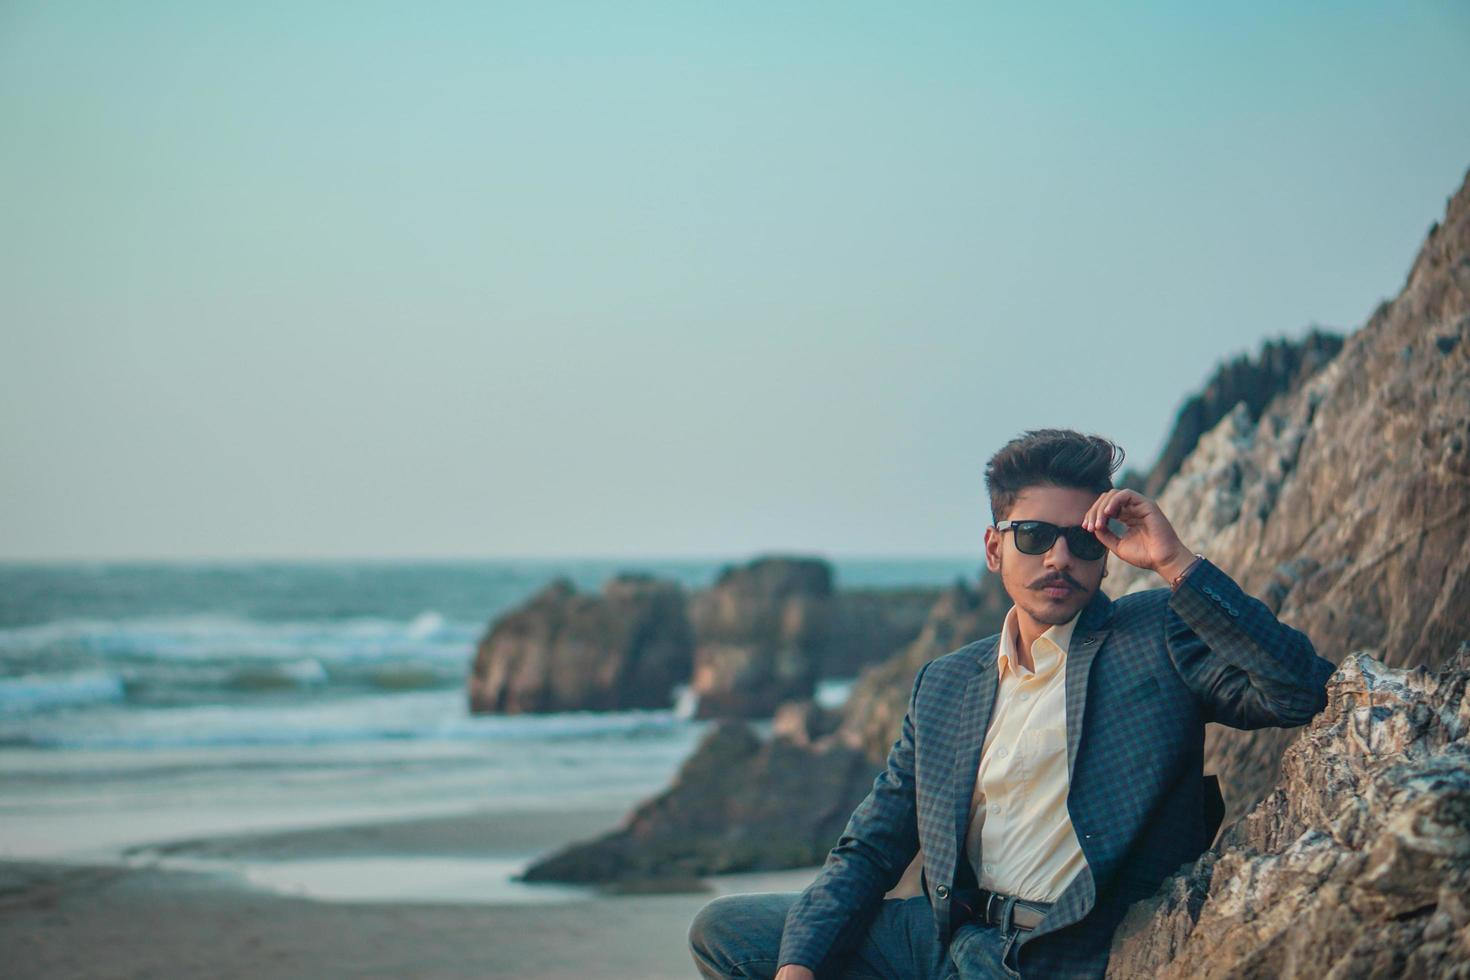 homme en costume sur la plage photo